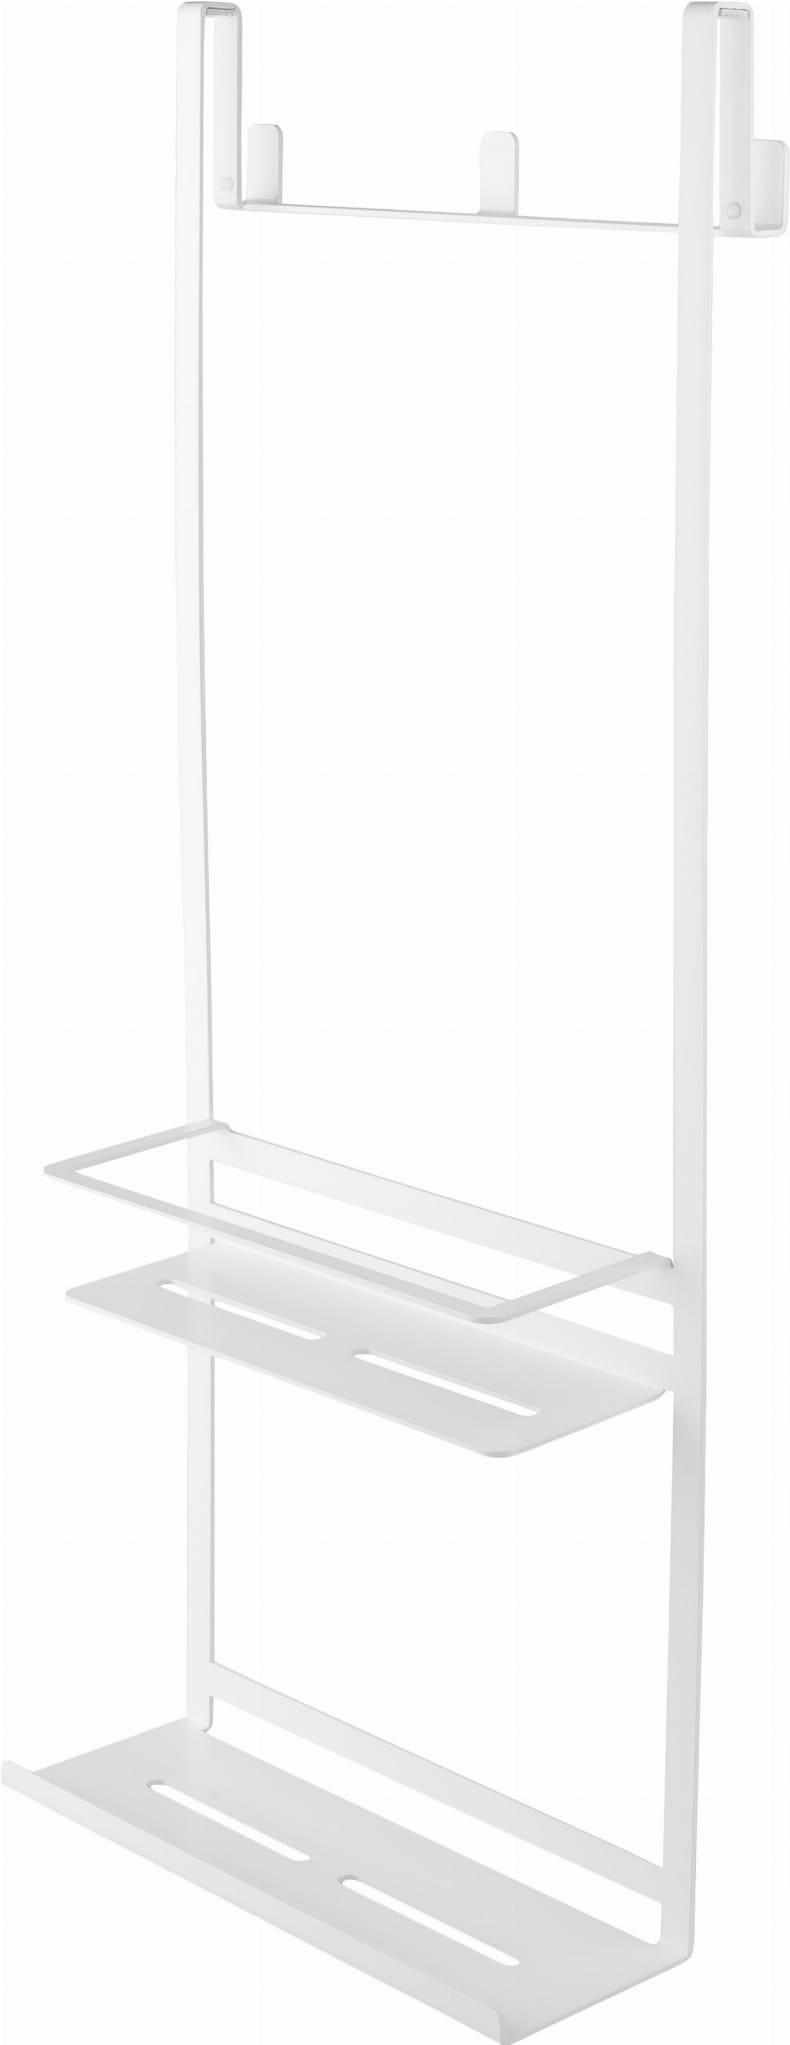 Závesná polica pre sprchovací kút 300x760x143 mm, BIELA